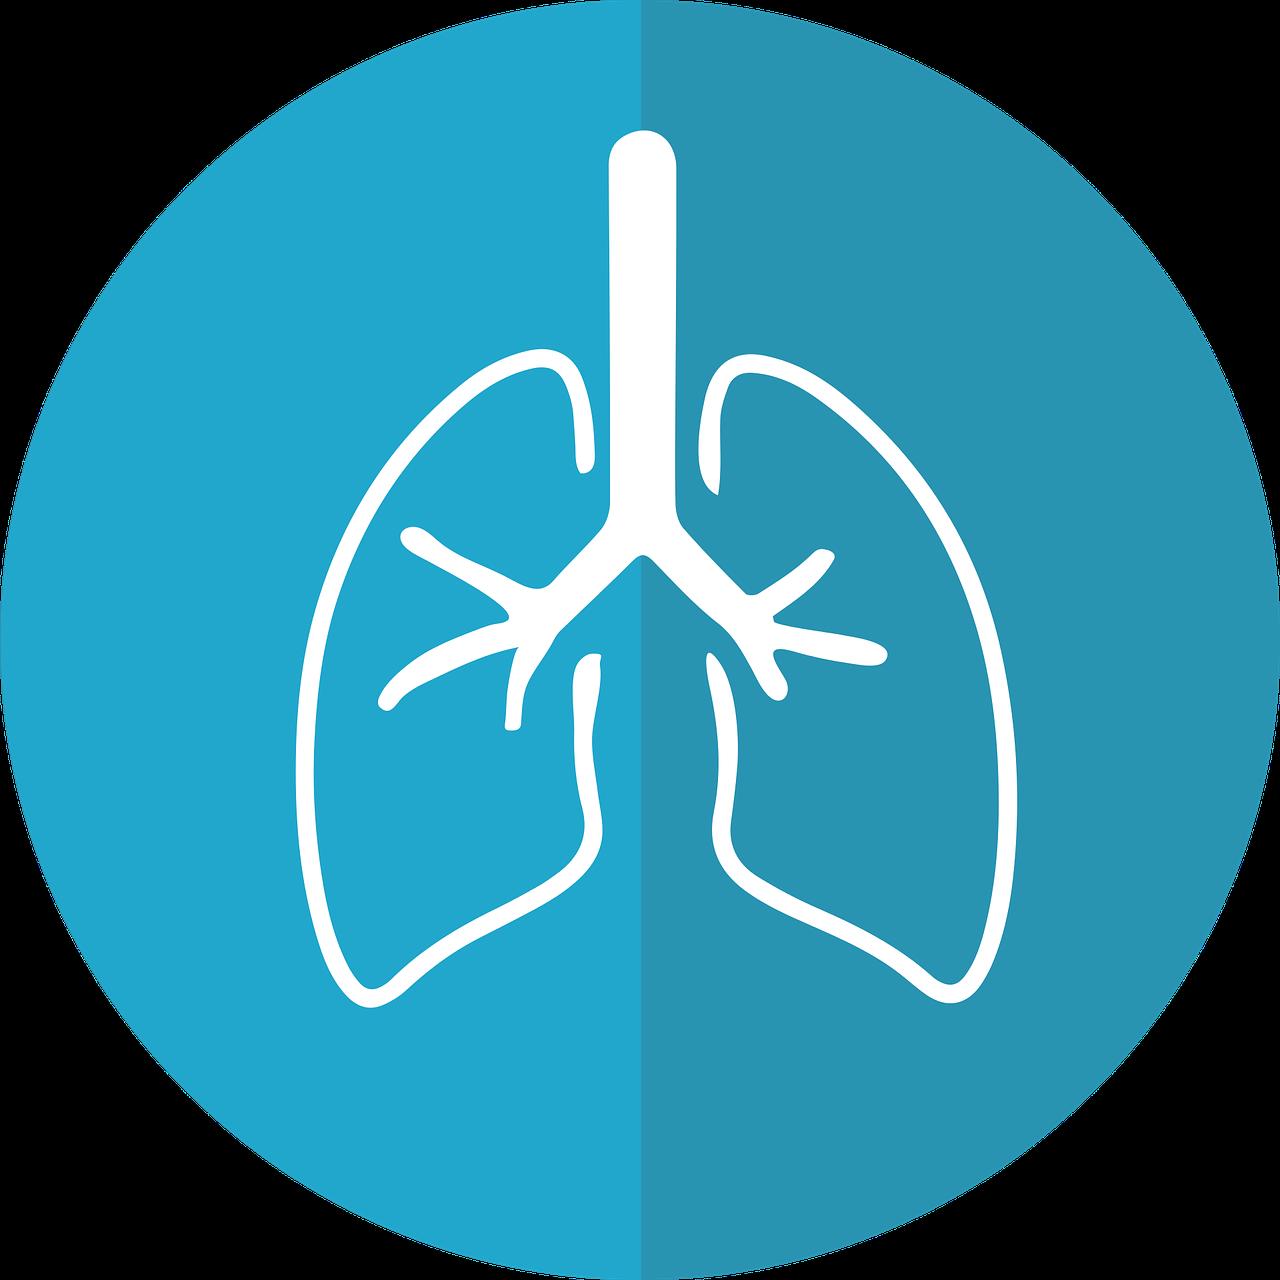 Ejercicios para el bienestar: Relajación pulmonar